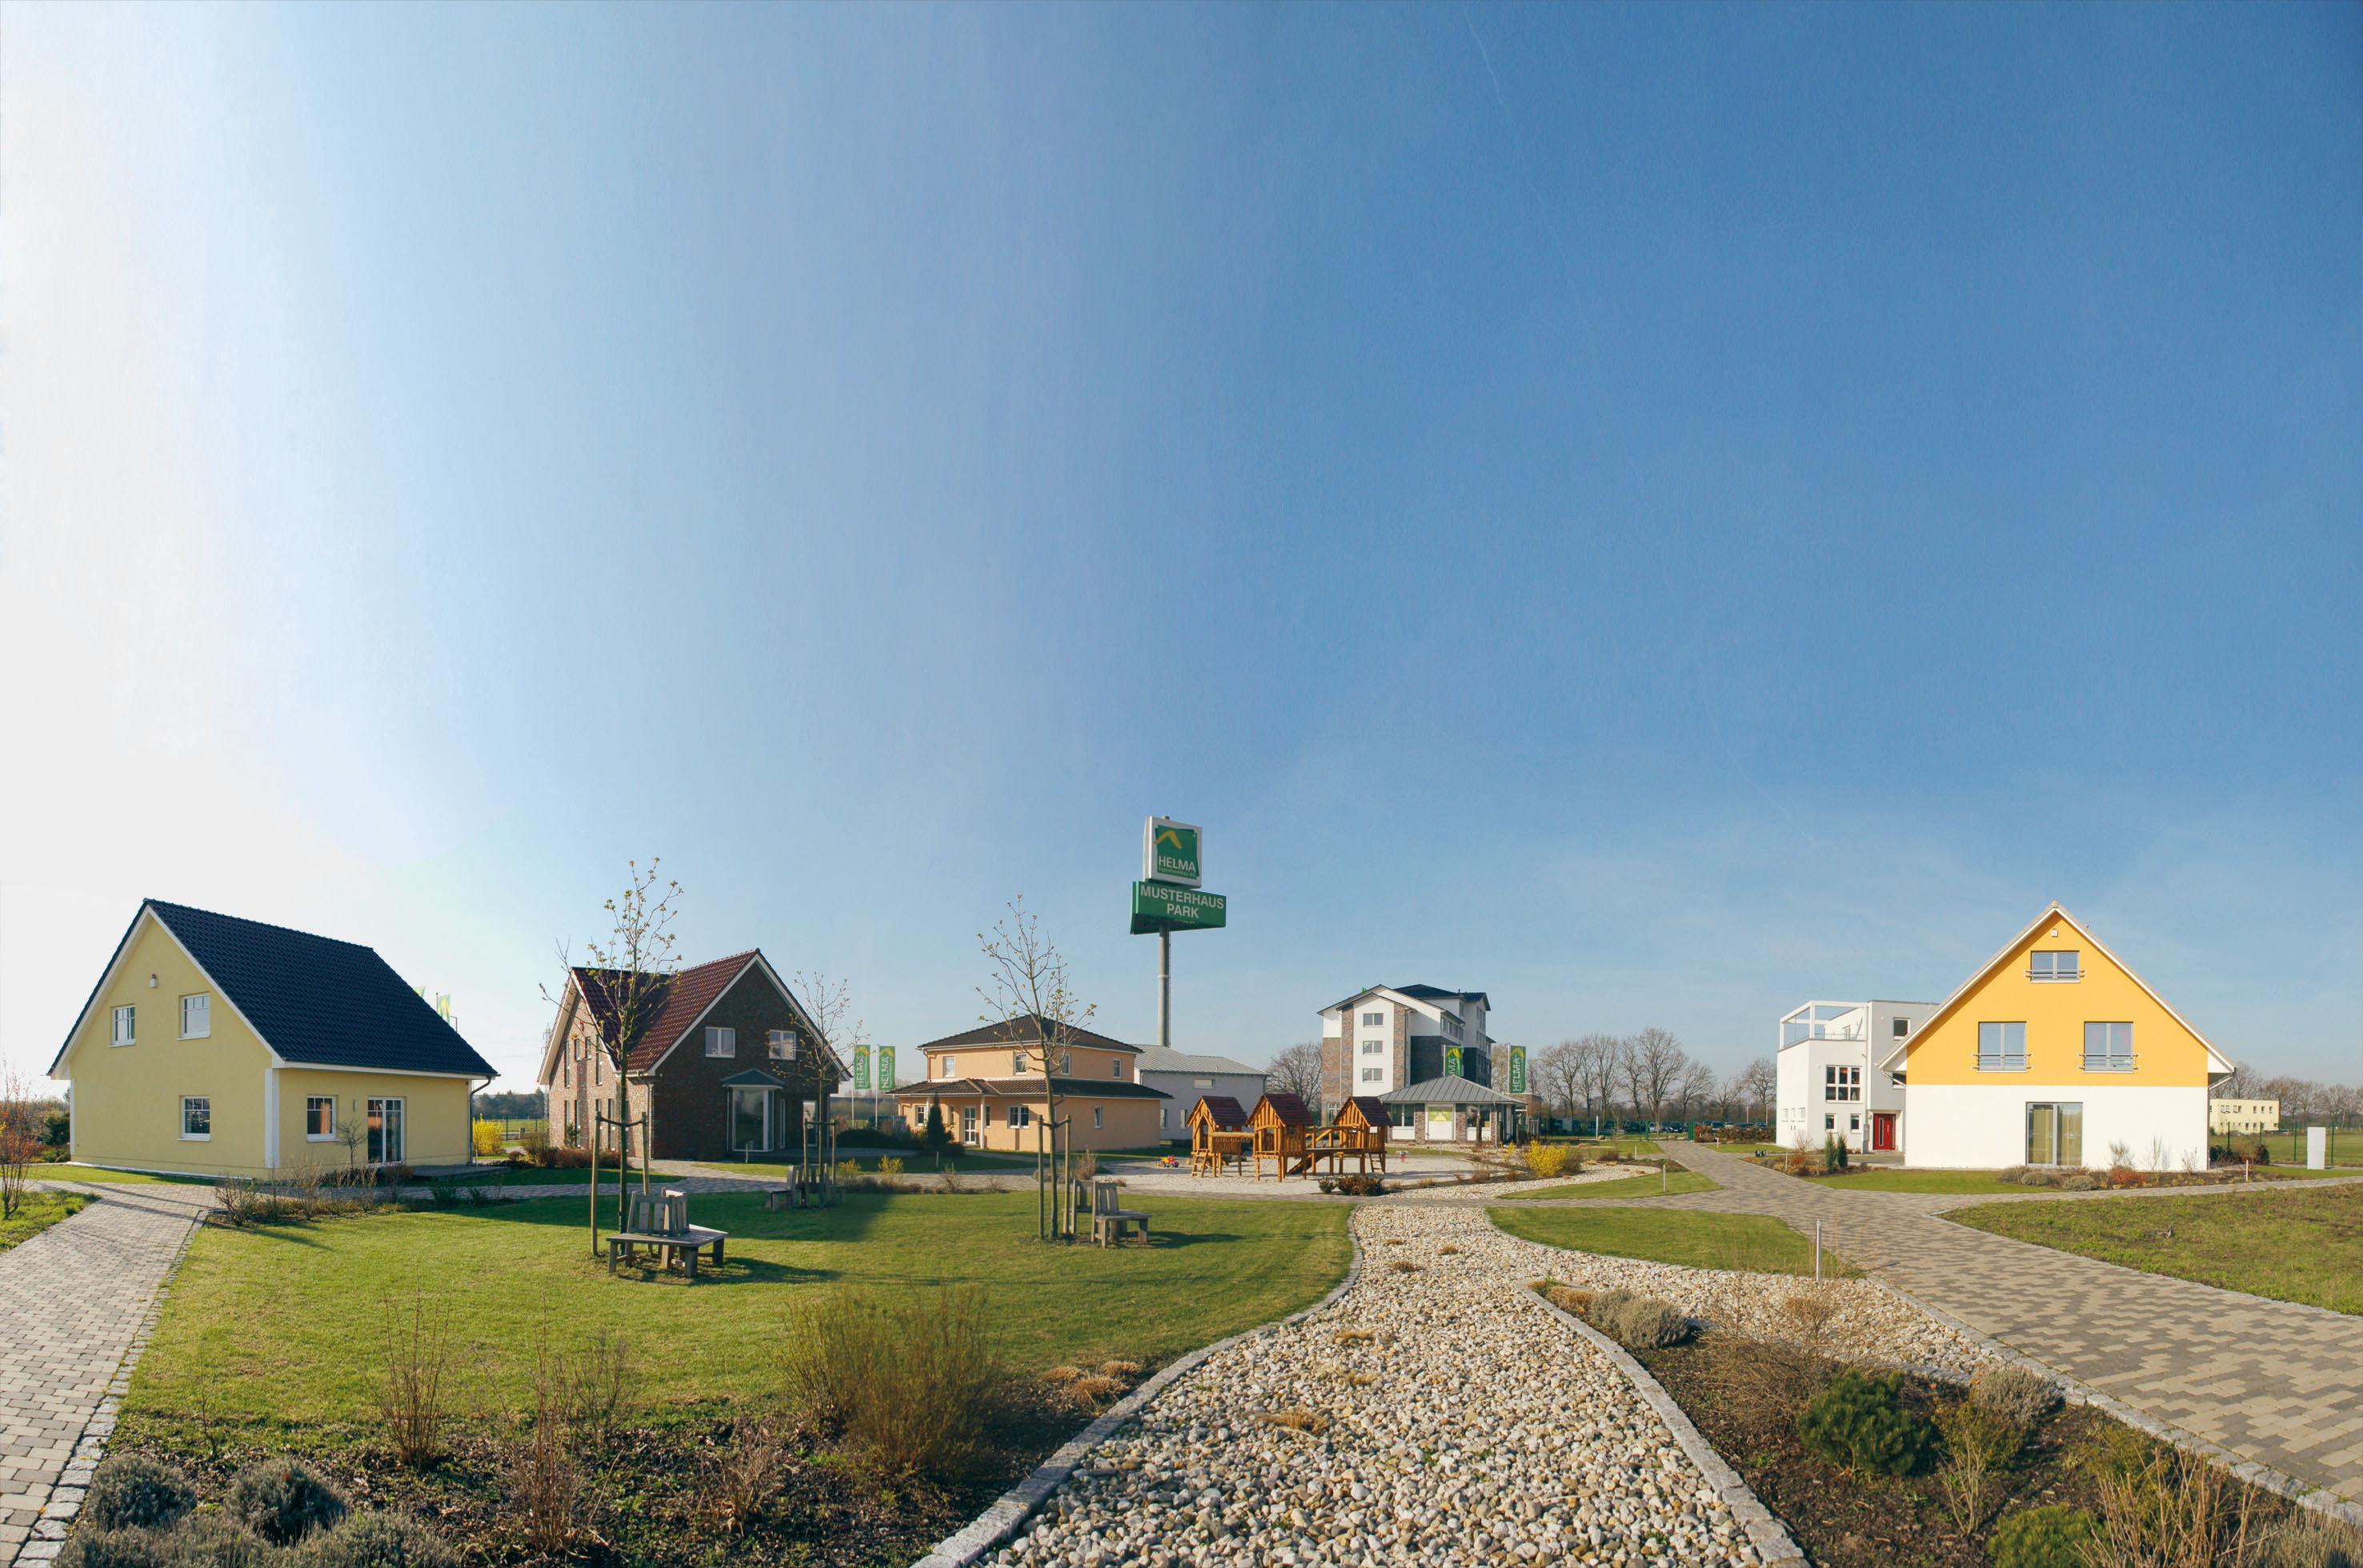 Die Helma Eigenheimbau AG aus Lehrte in Niedersachen bietet Fertighäuser an, die sie mit nachhaltigen Energiekonzepten versieht. / Foto: Unternehmen